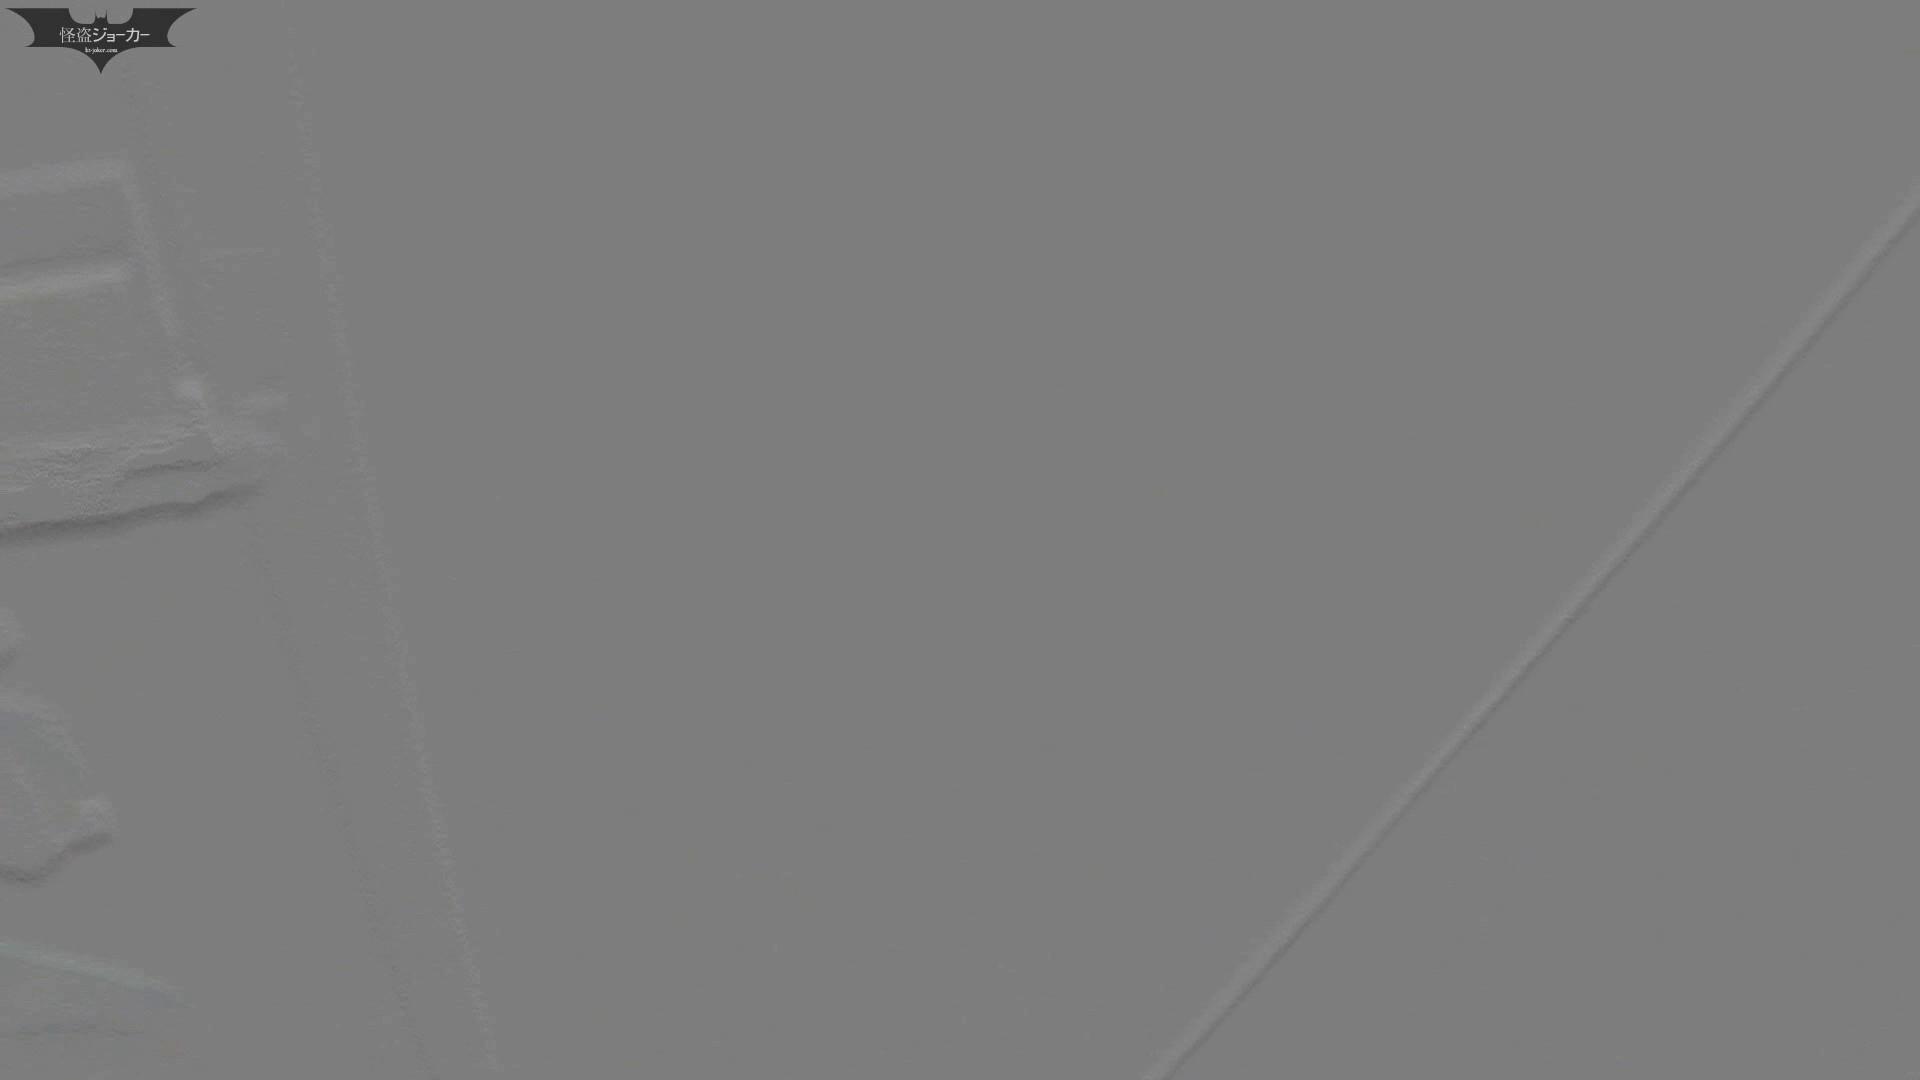 Vol.06 ピチピチが入室きめ細かくマッシュルームのような肌に癒される エッチすぎるOL達 隠し撮りオマンコ動画紹介 46連発 38